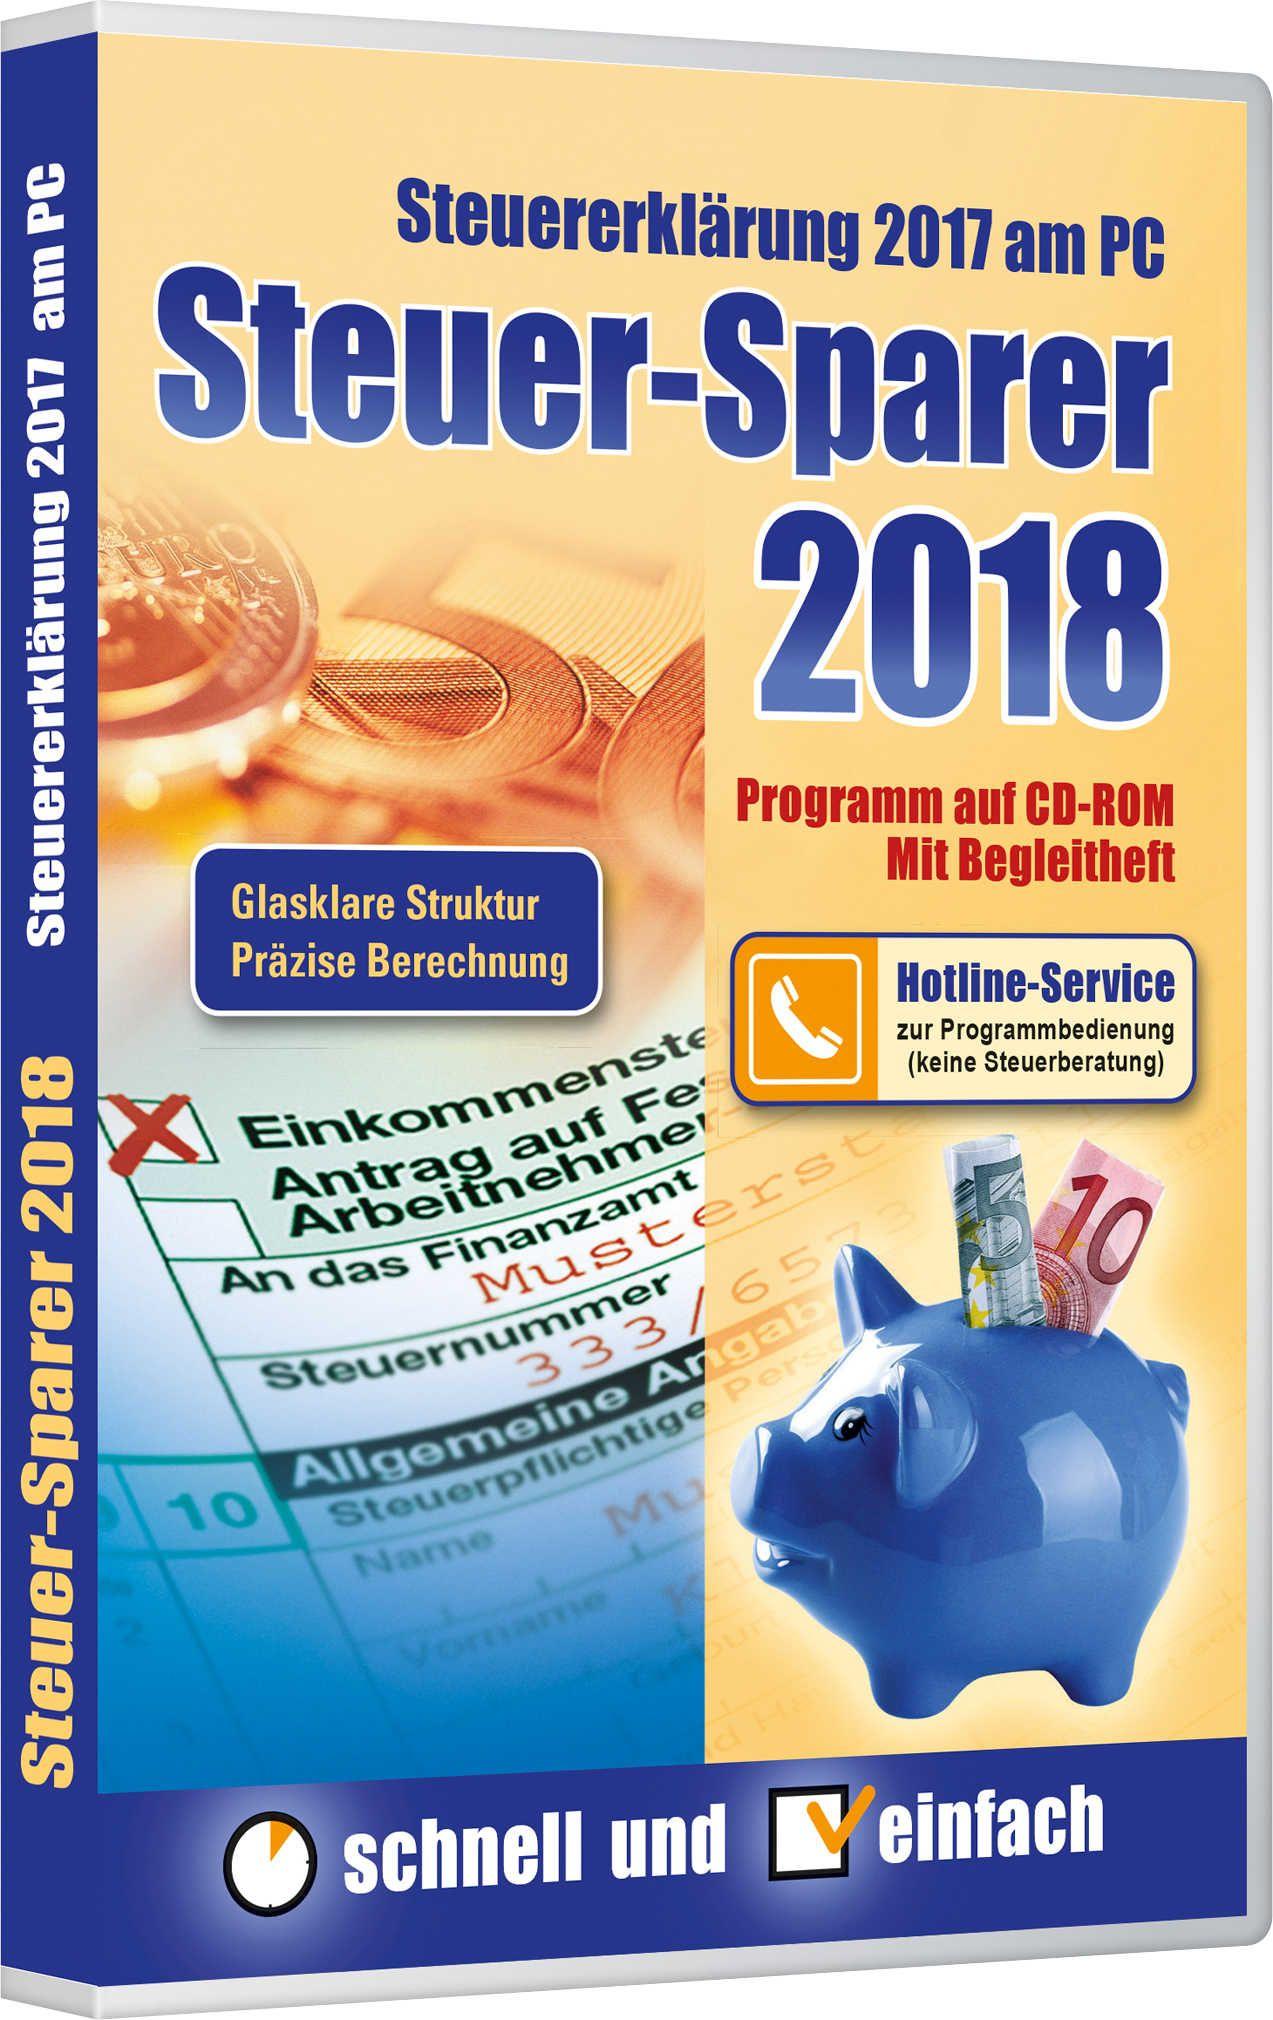 Steuer-Sparer 2018 bei Kaufland 4,99€ für Steuererklärung 2017 ab Do 21.12.